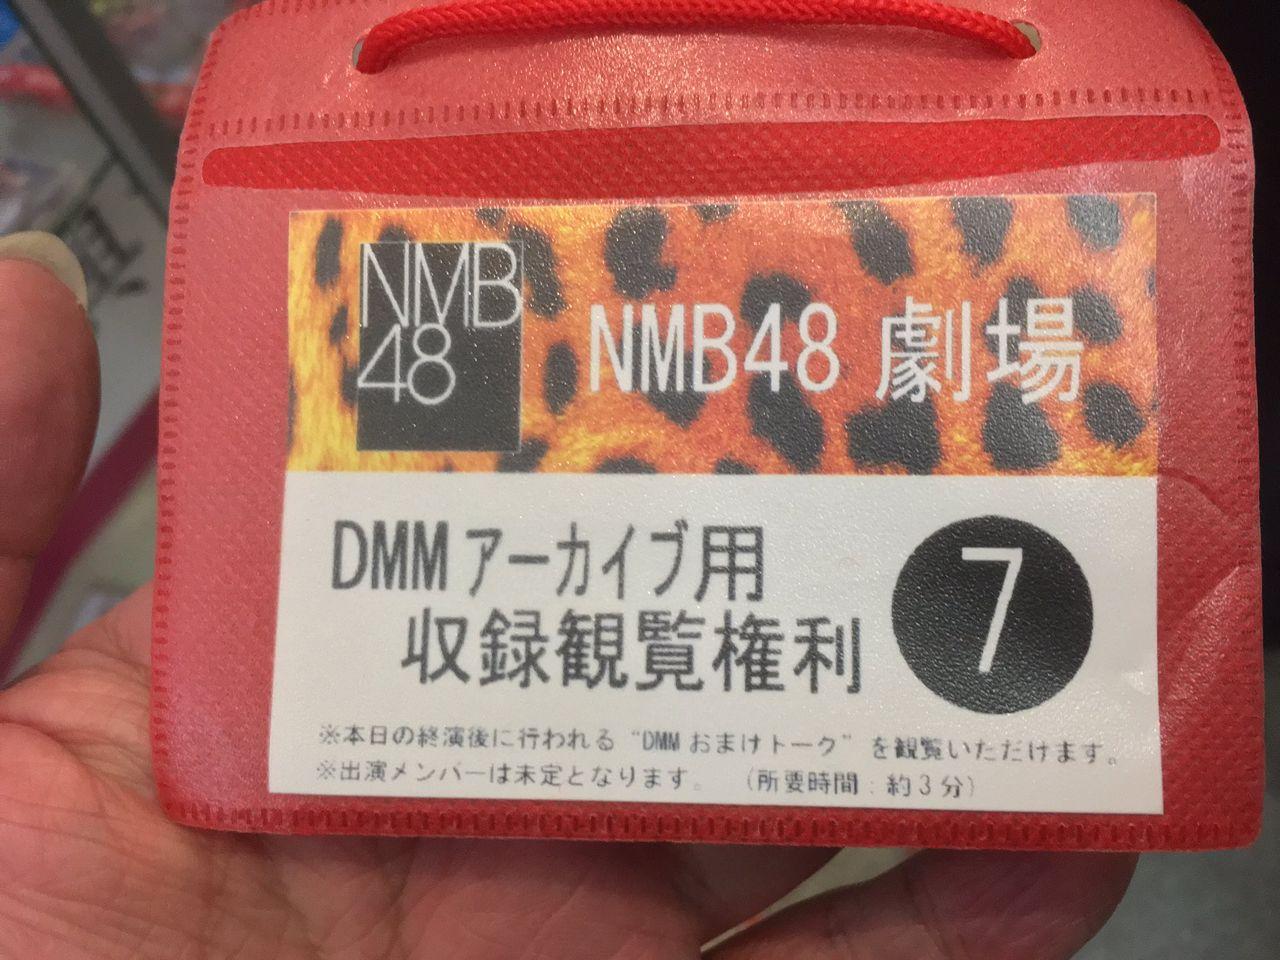 【遅報?】NMB48劇場でDMMアーカイブ収録観覧始まる